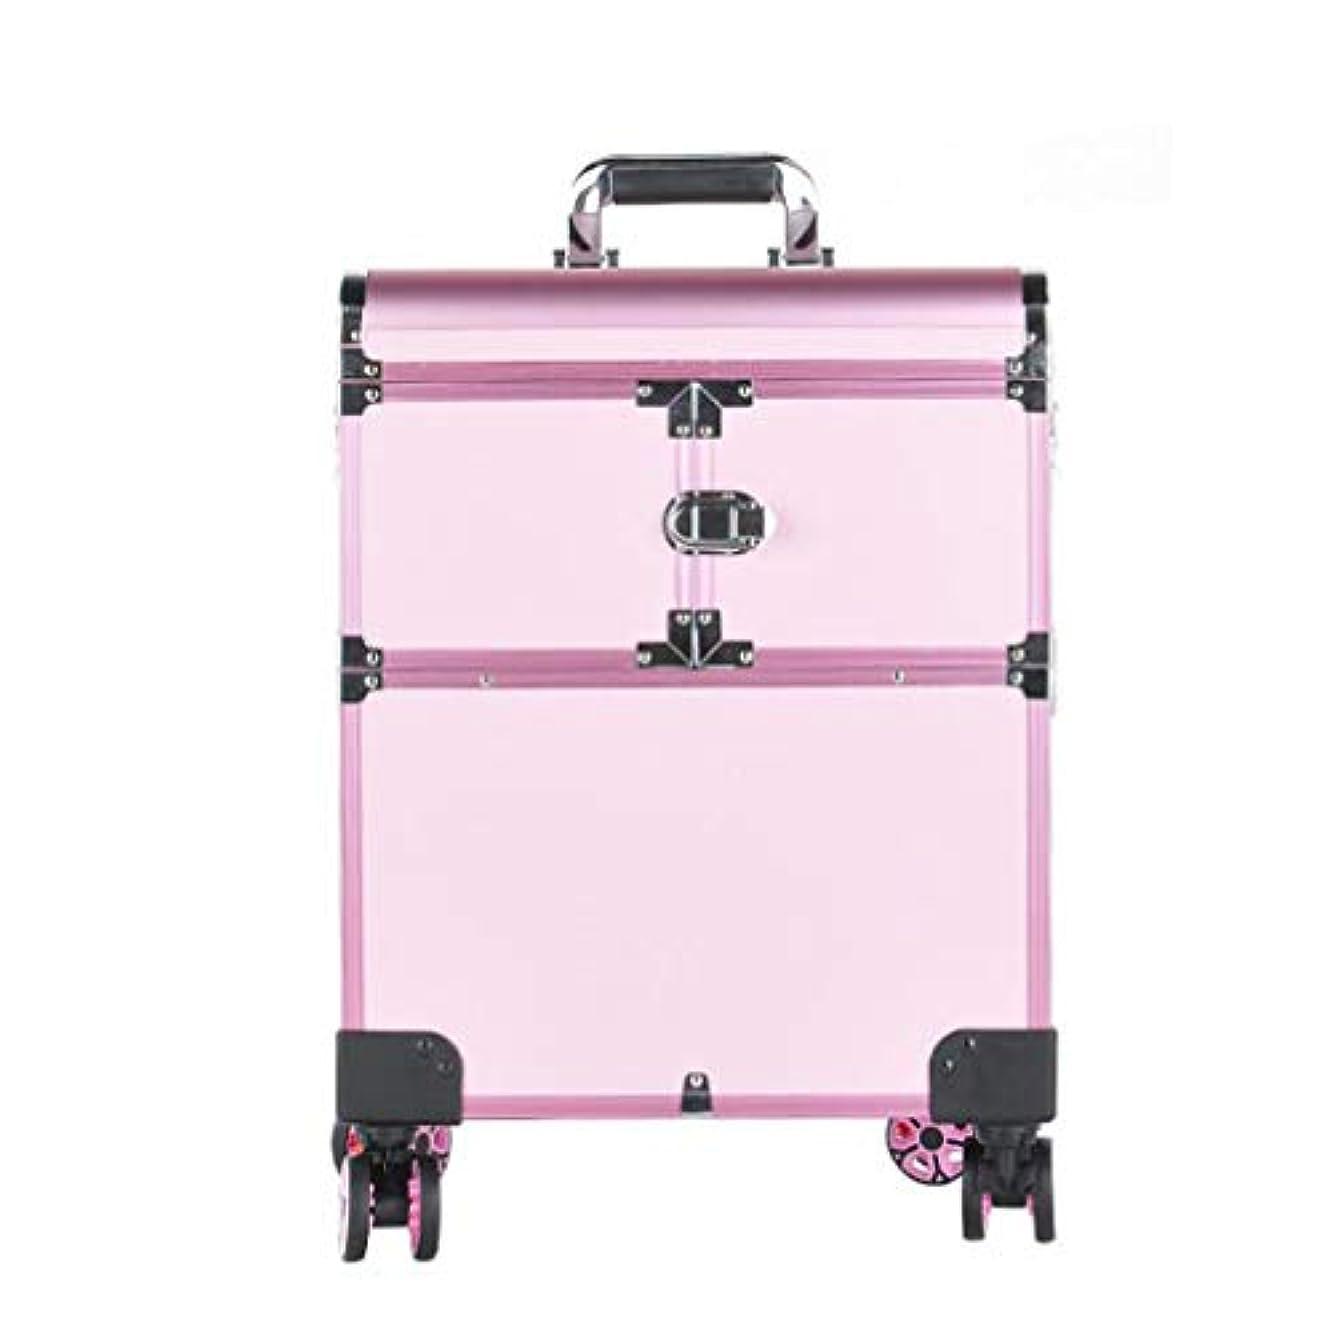 約首謀者定常BUMC 特大化粧列車化粧トロリーケース、多層大容量プロフェッショナル化粧品ポータブルレバーオーガナイザー収納ビューティーボックス,Pink